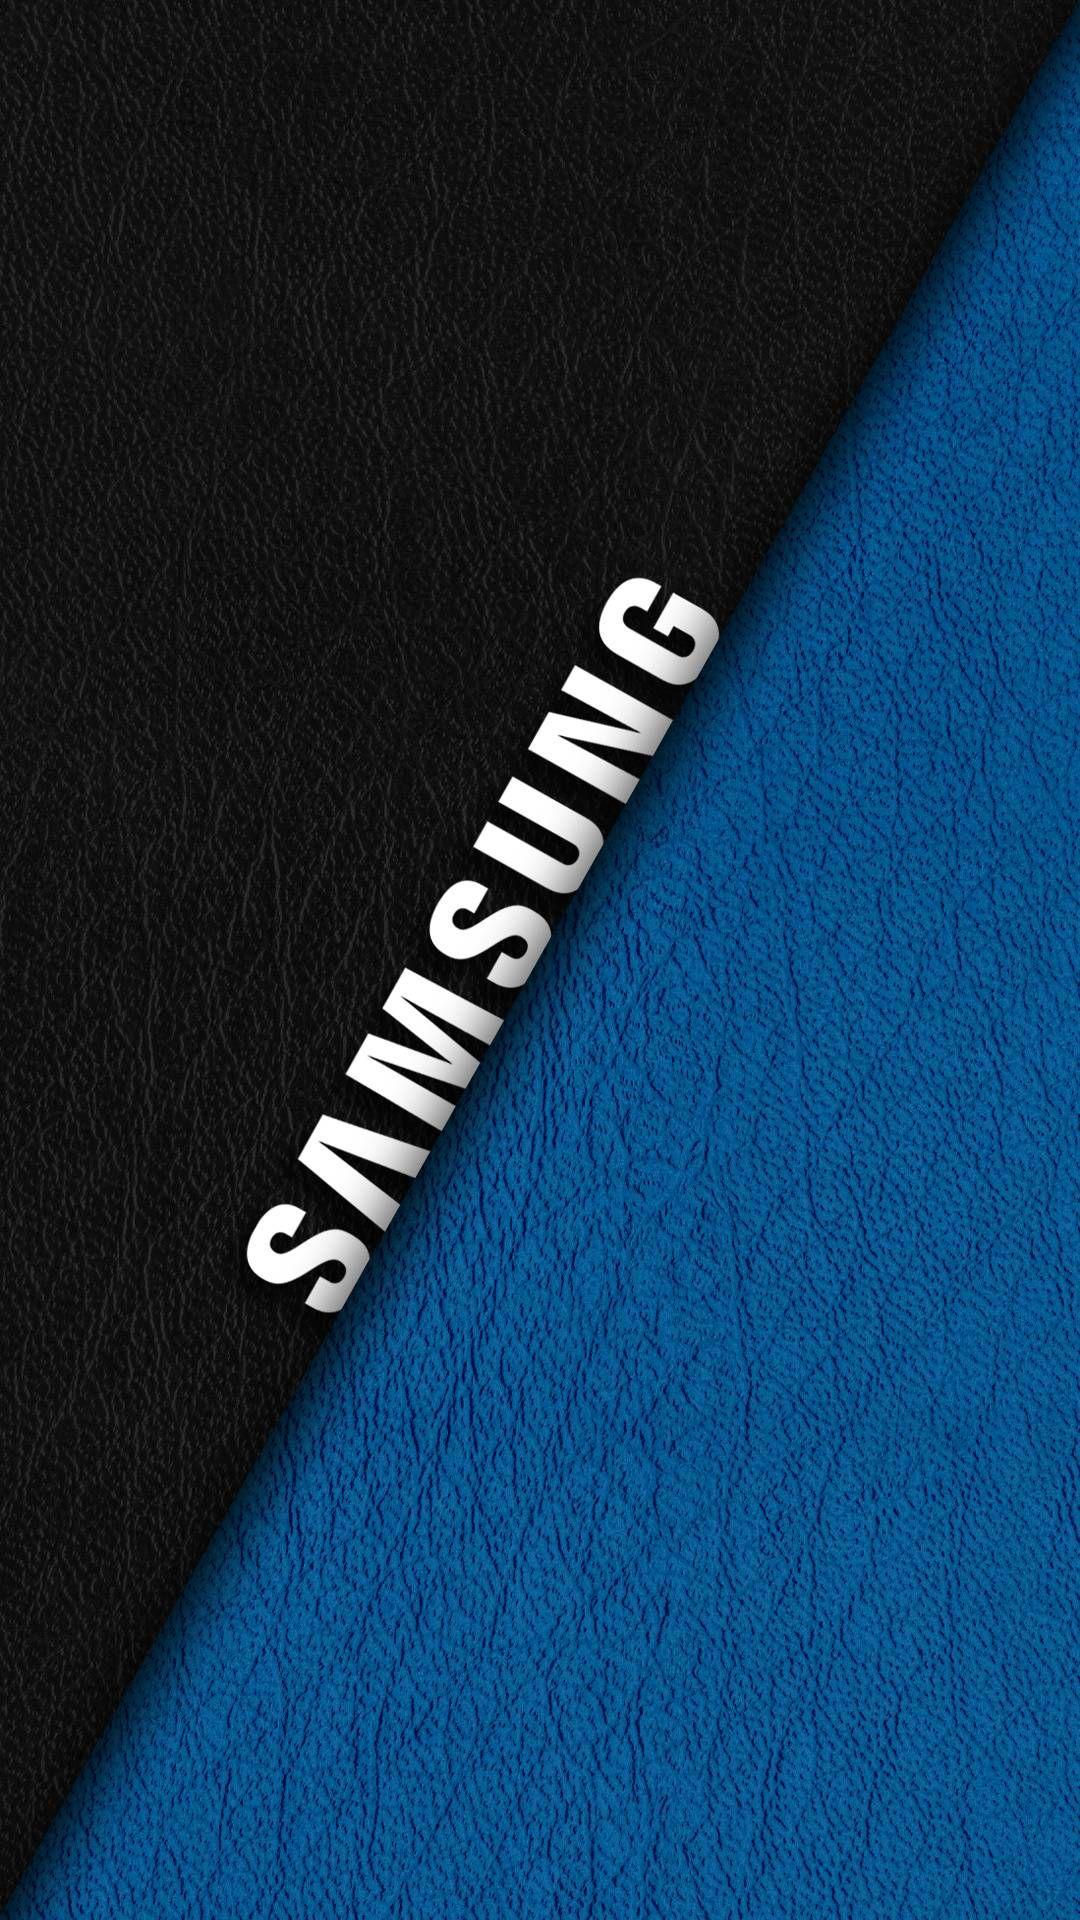 Samsung Logo Wallpaper Posted By Samantha Johnson